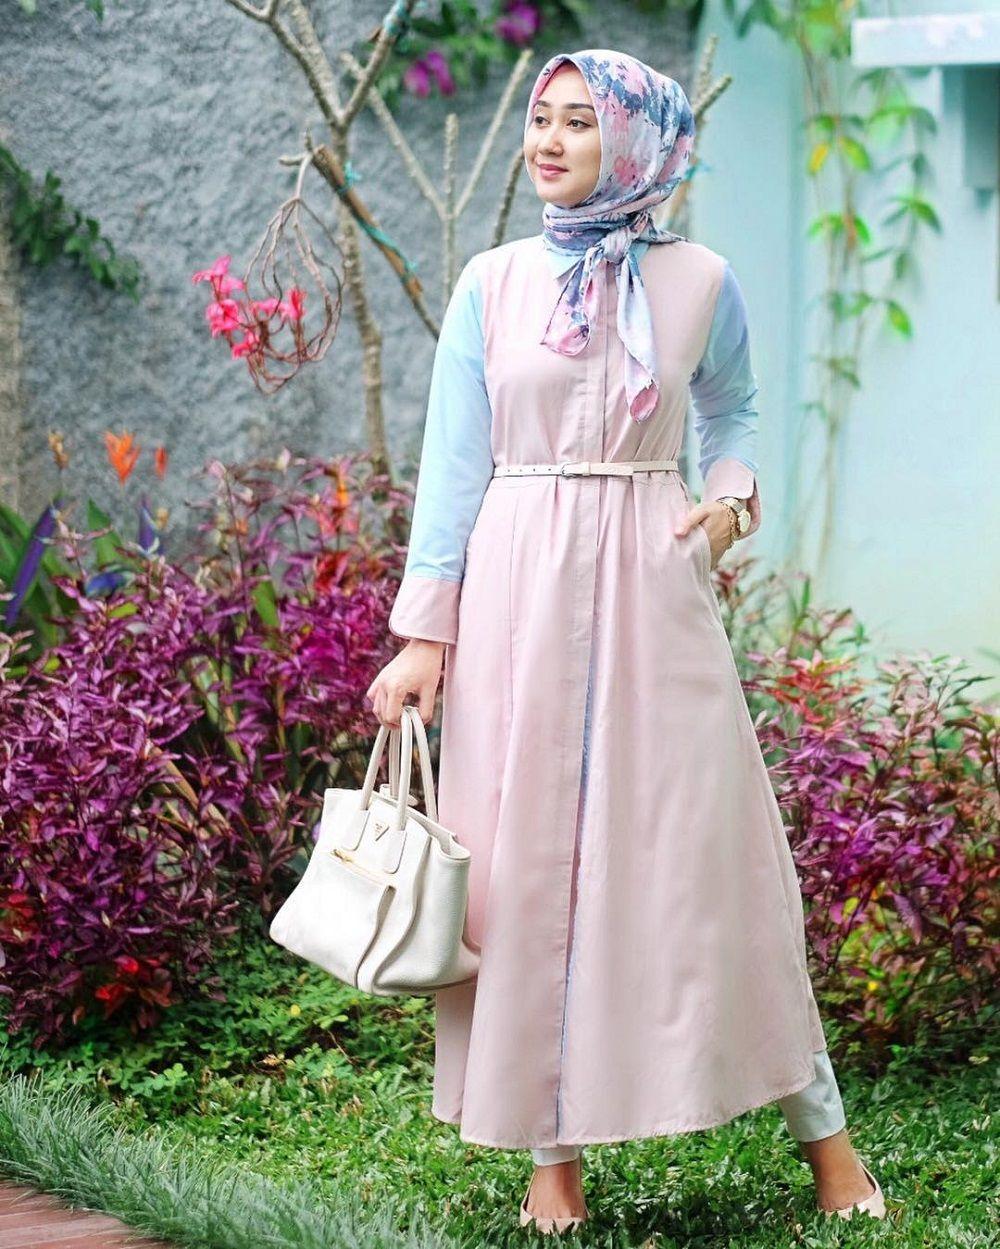 Baju Dian Pelangi 2017 : pelangi, Mosleem, Hijab